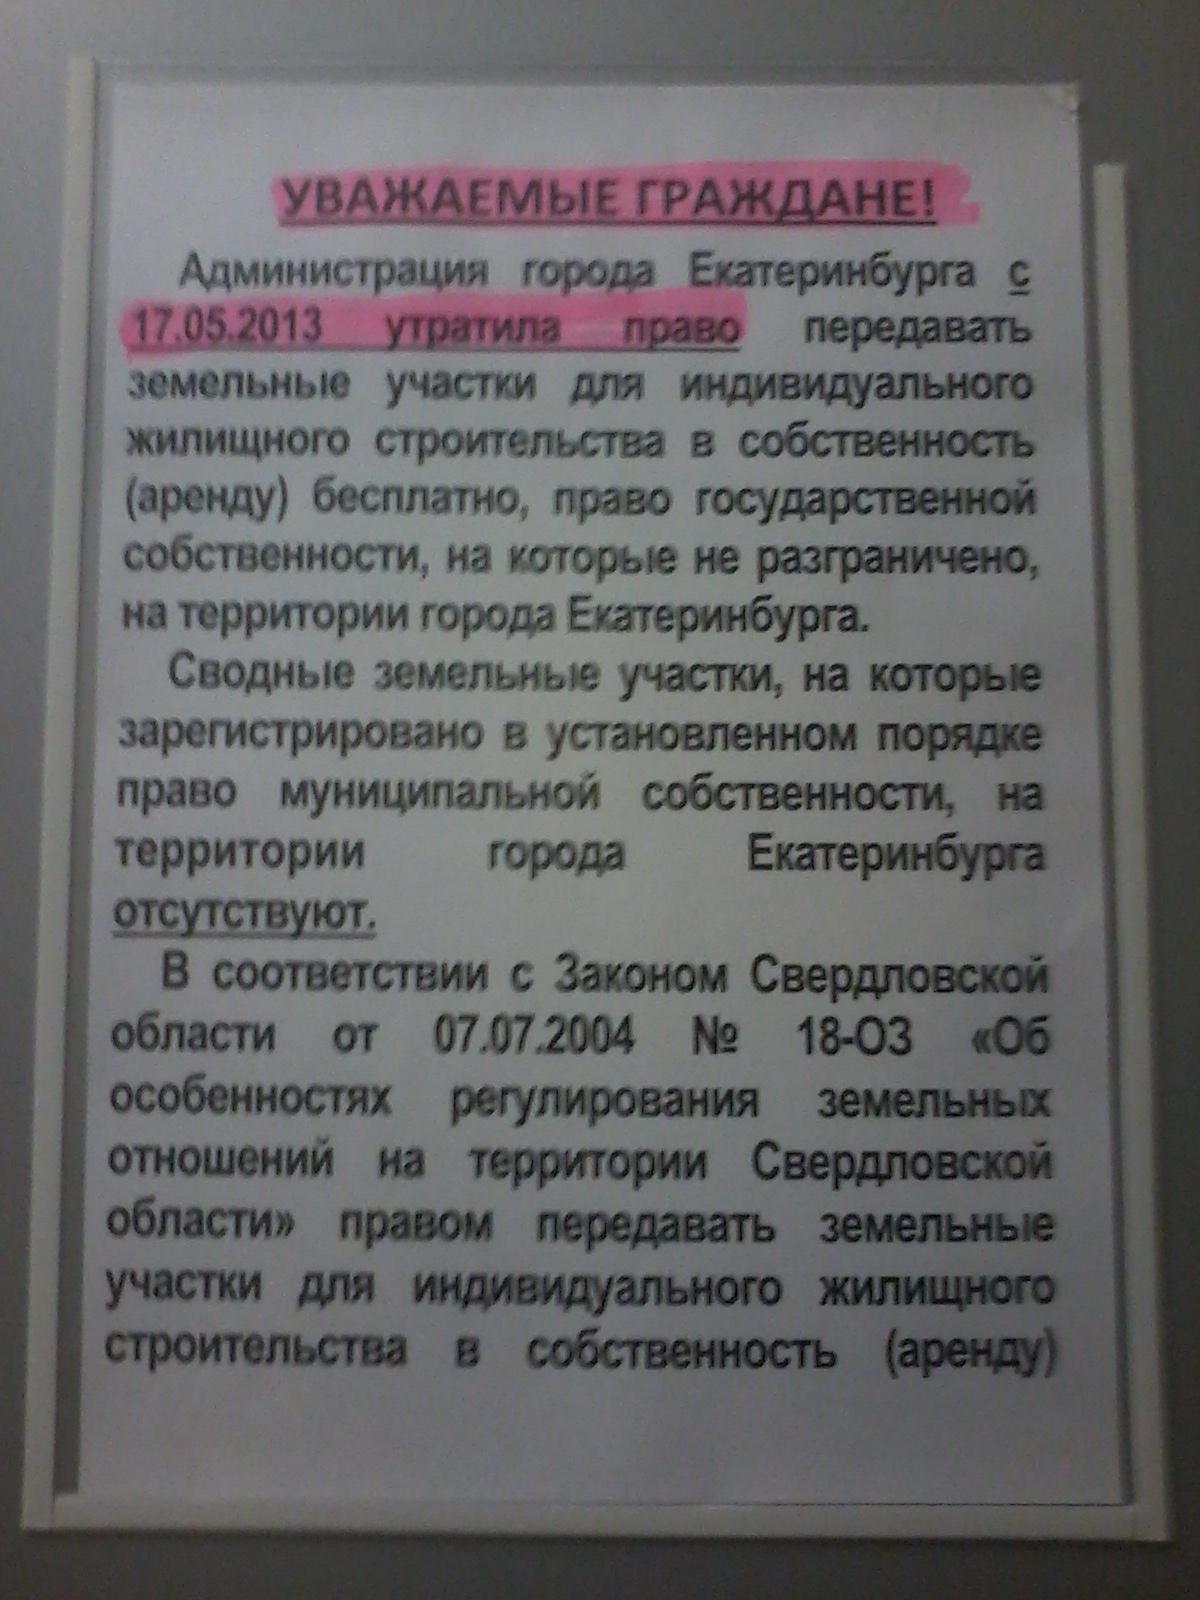 Бесплатное объявление в сызрани на 20.07.2011год частные объявления город липецк